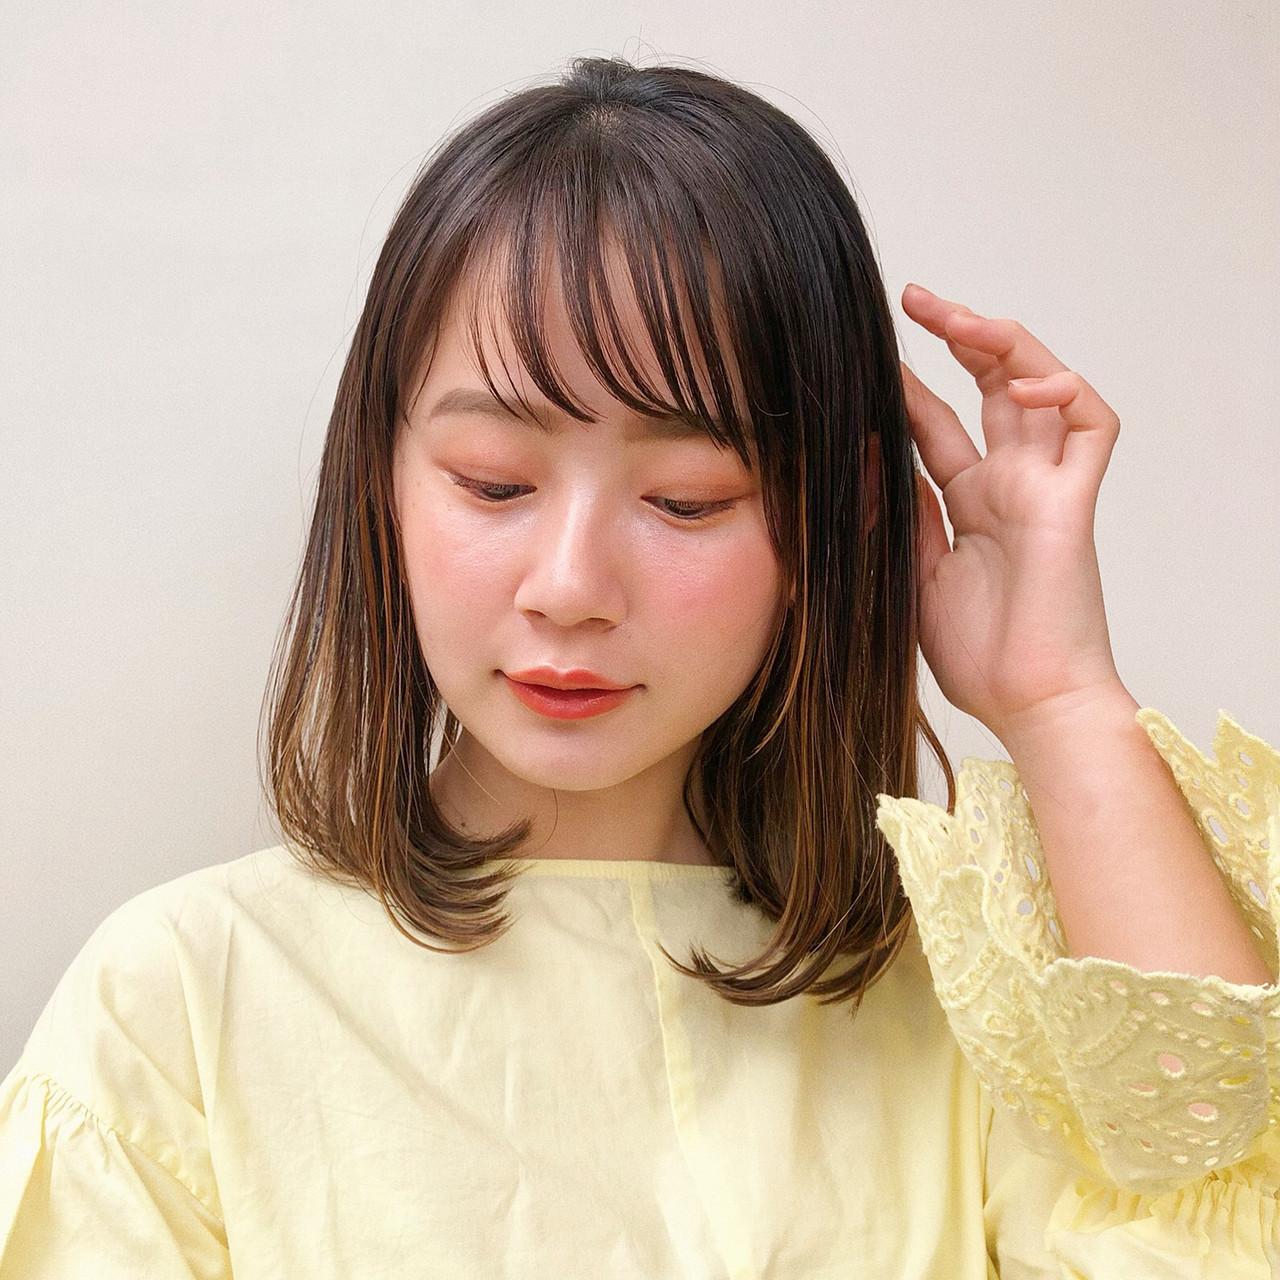 ロブ ミディアム ワンカール フェミニン ヘアスタイルや髪型の写真・画像